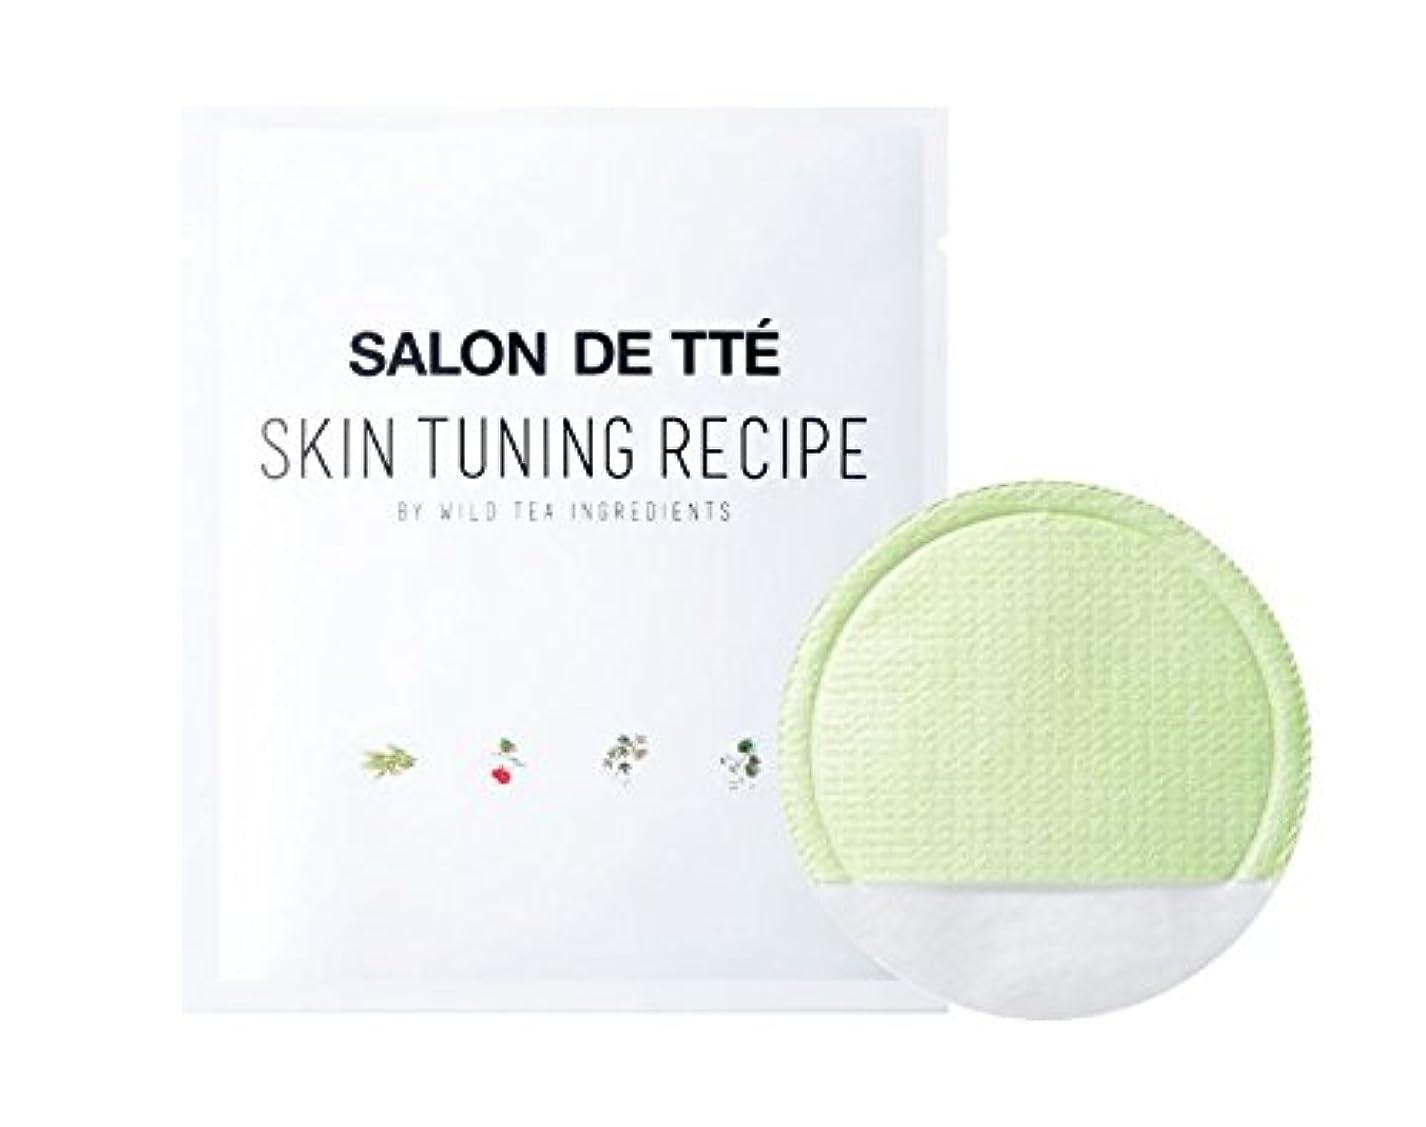 眉寄託本質的ではないWONDER BATH Salon De Tte 7g × 10ea/ワンダーバス サロン ド テ 7g × 10枚 [並行輸入品]